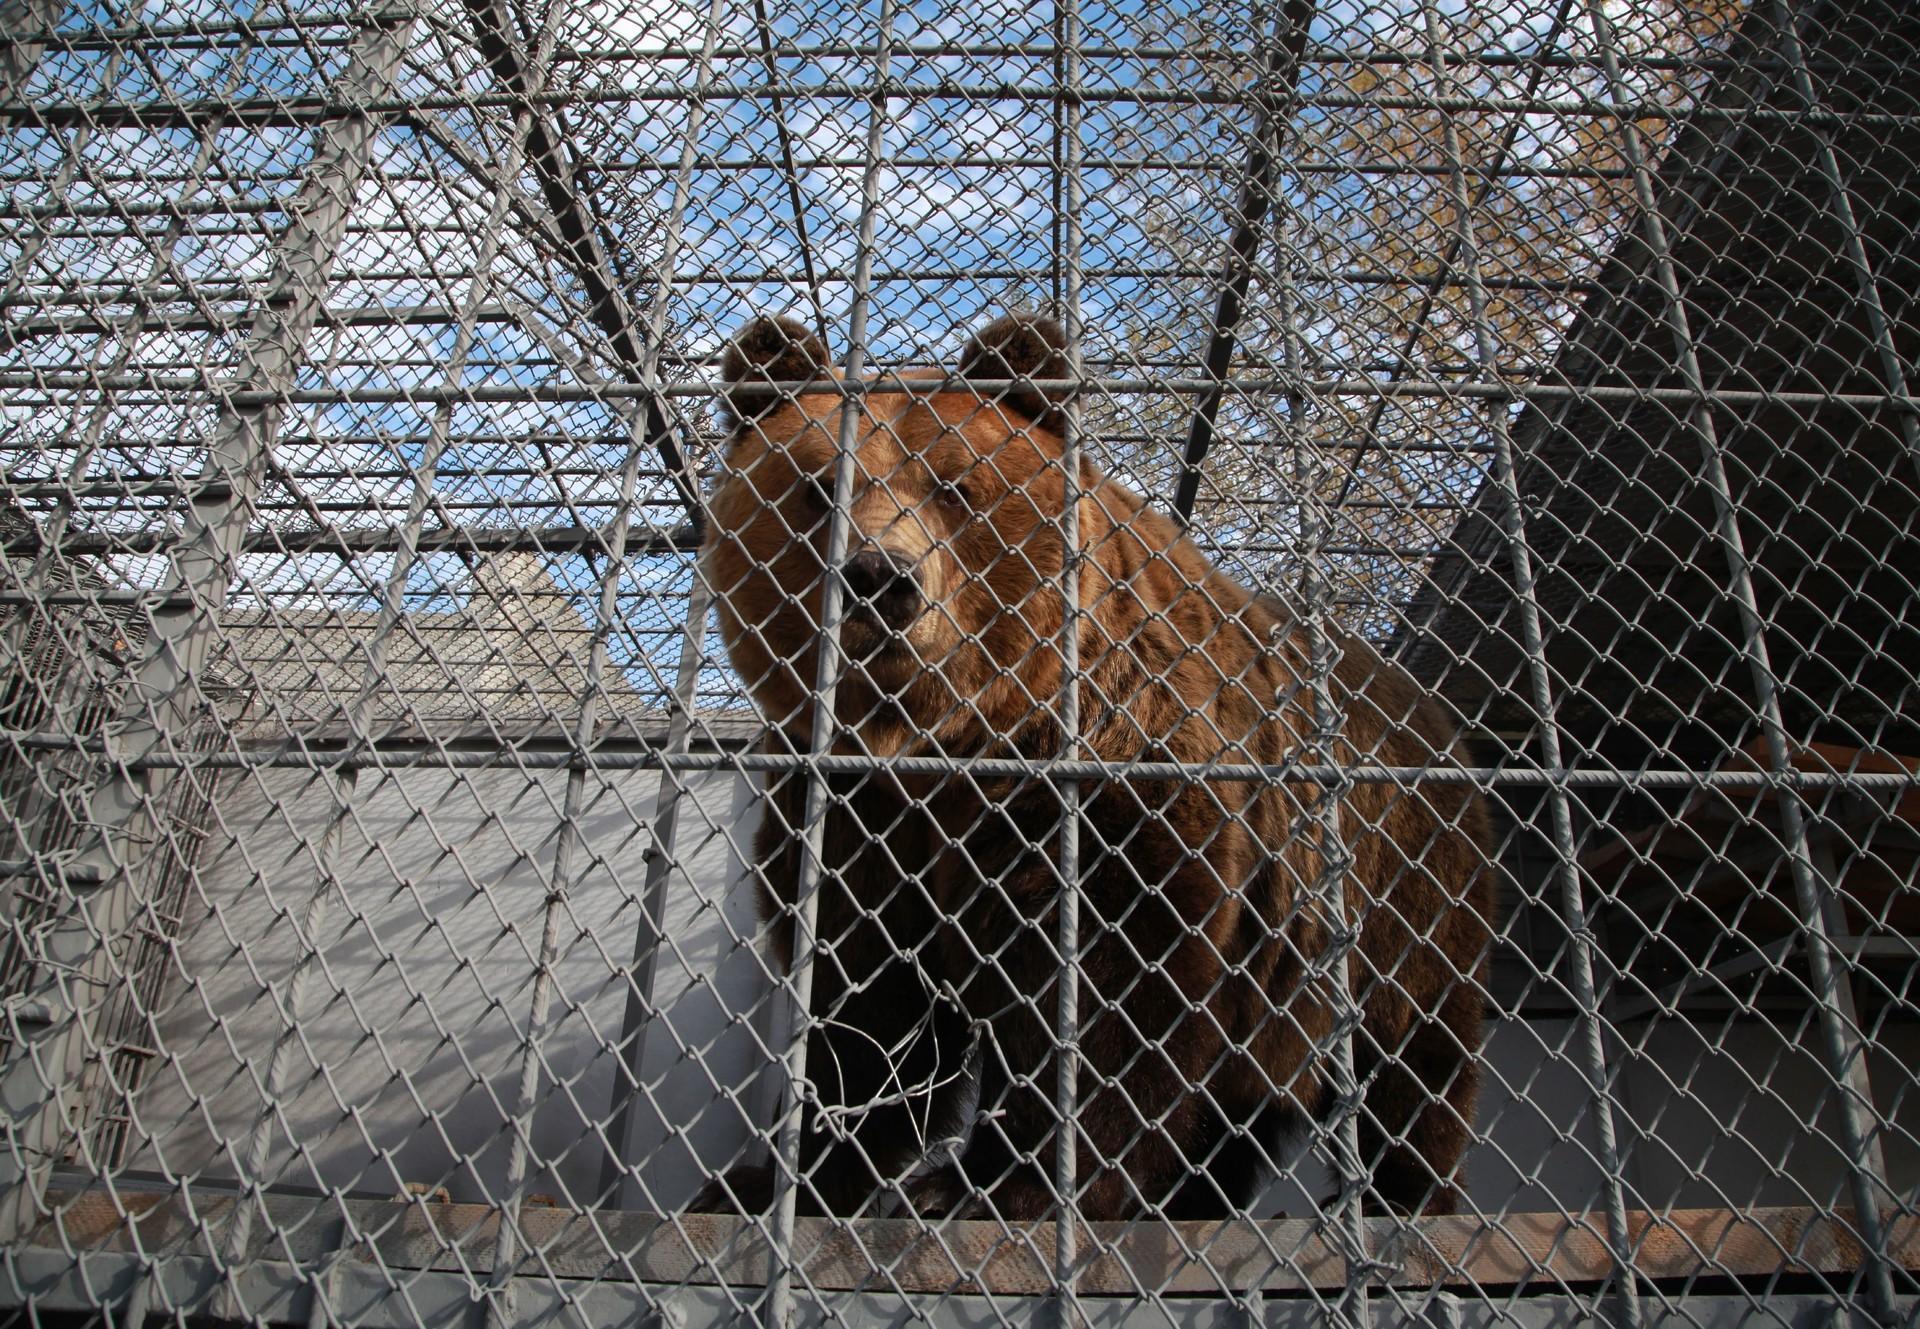 Bär in Käfig in Albanien (c) VIER PFOTEN